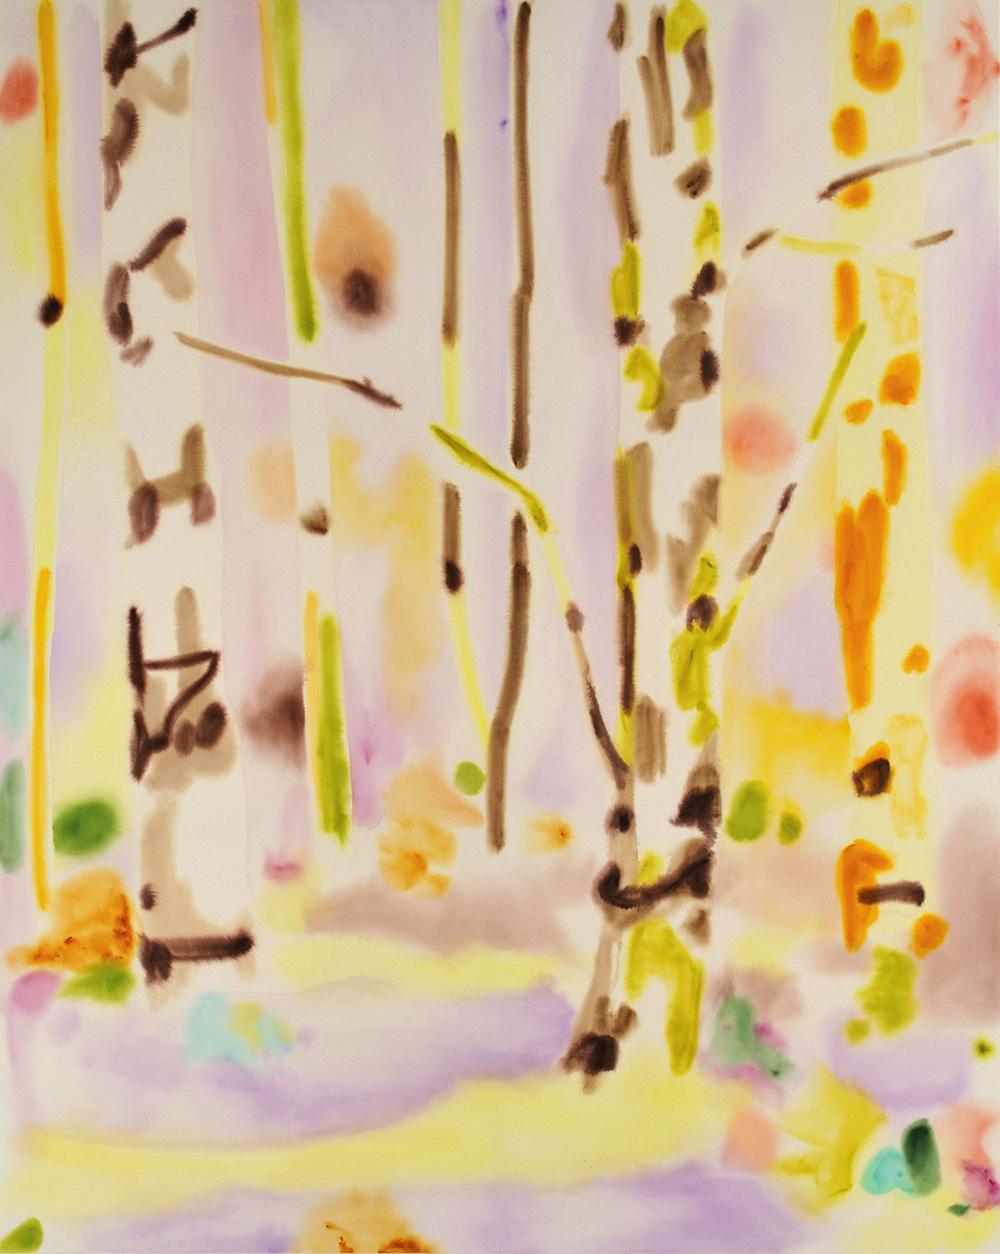 丸山直文《puddle in the woods 5》 2010年 作家蔵 ©Naofumi Maruyama, Courtesy of ShugoArts